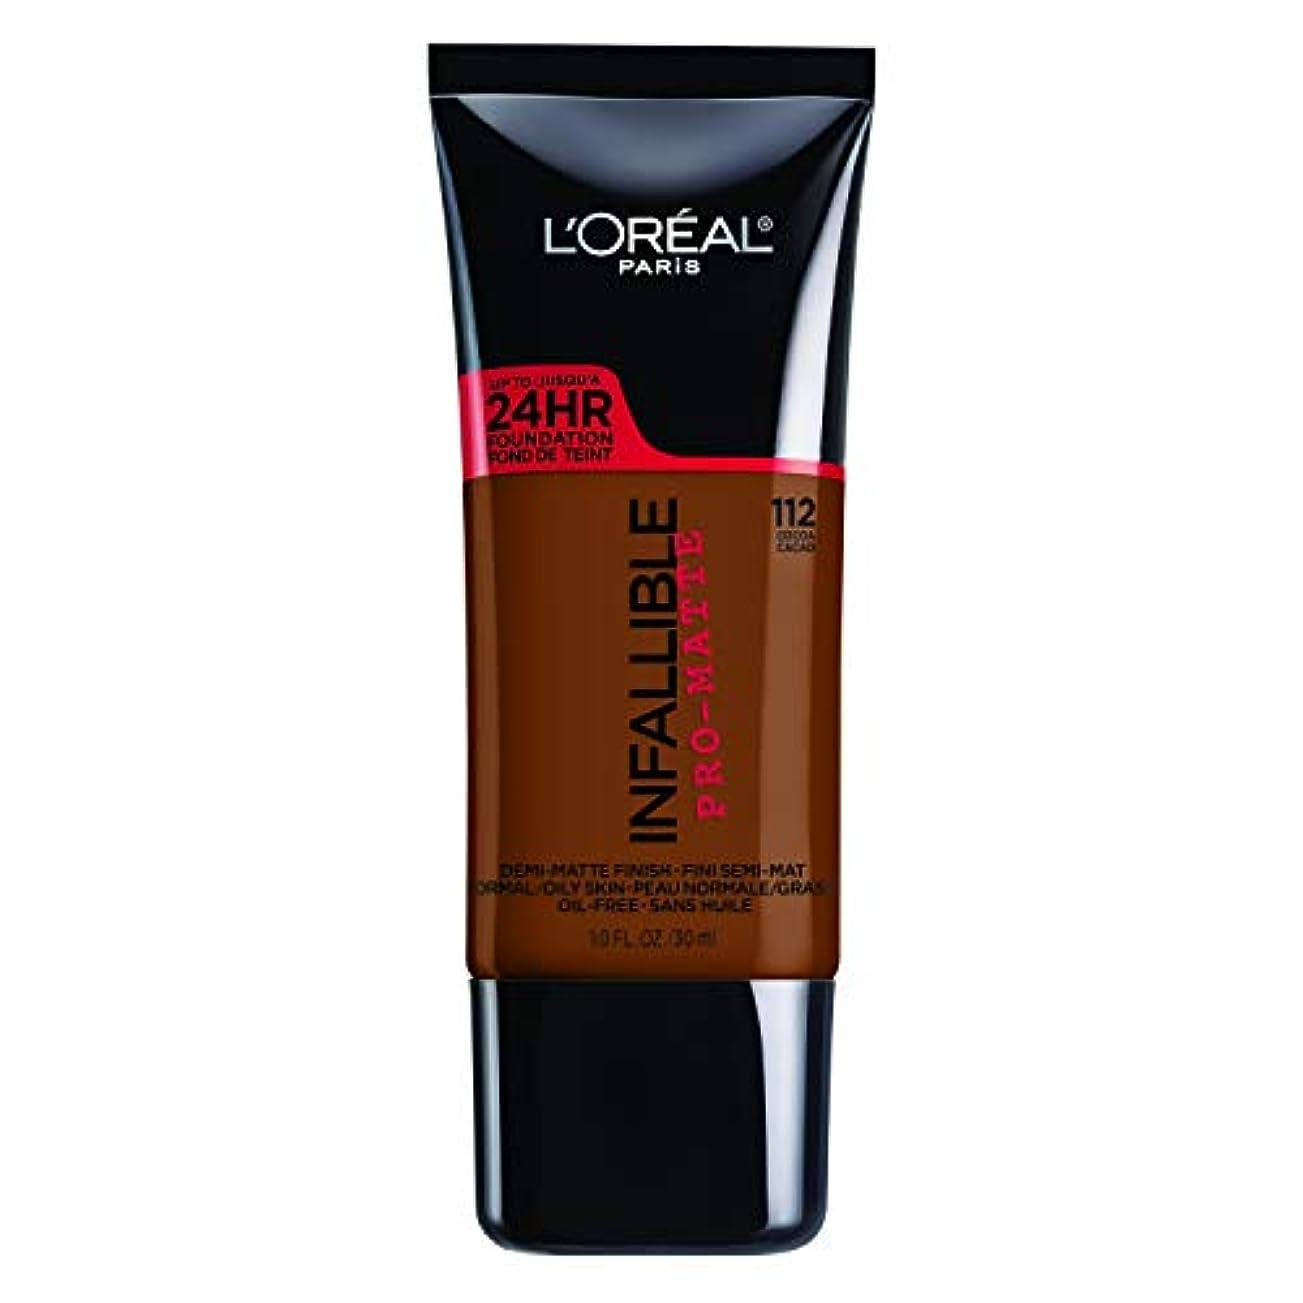 達成可能達成可能マークL'Oreal Paris Infallible Pro-Matte Foundation Makeup, 112 Cocoa, 1 fl. oz[並行輸入品]